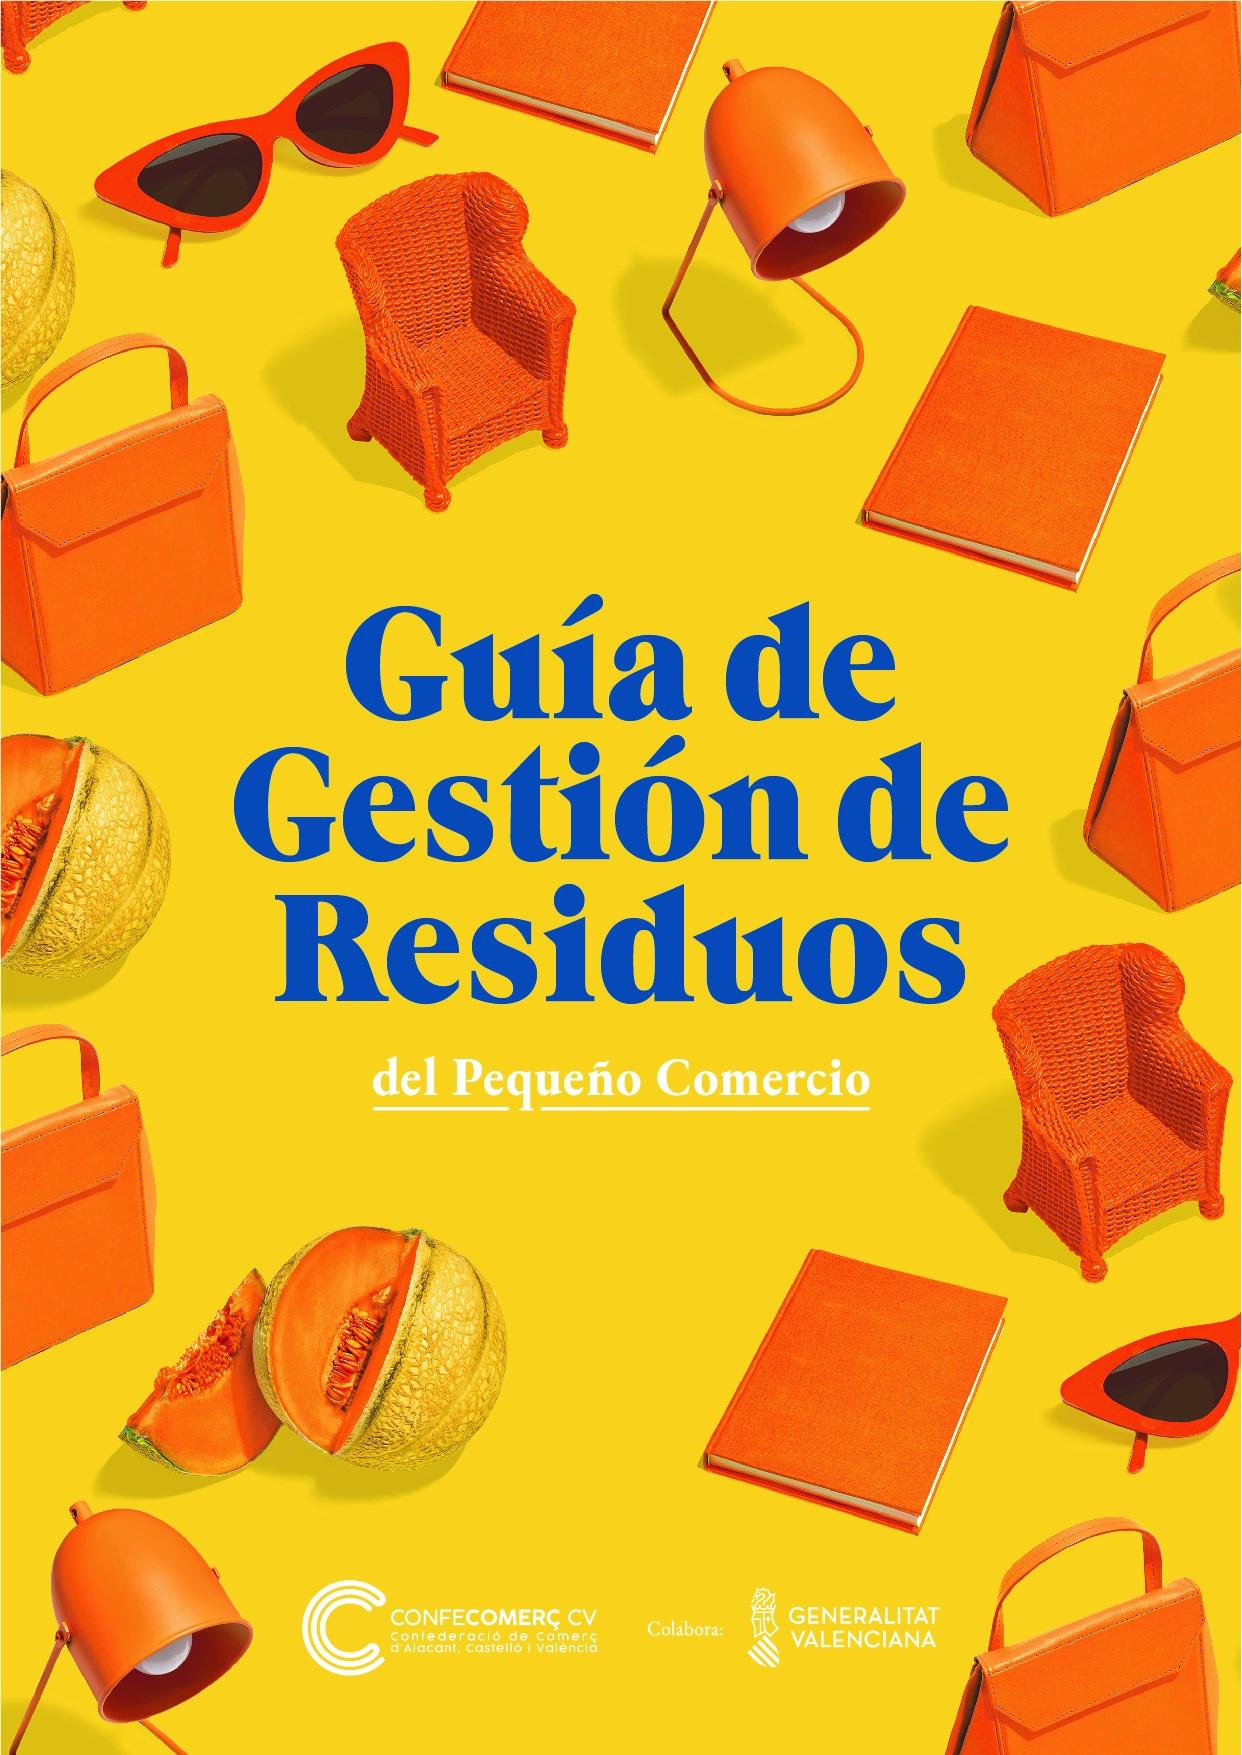 MINIGUÍA DE RESIDUOS COMERCIALES